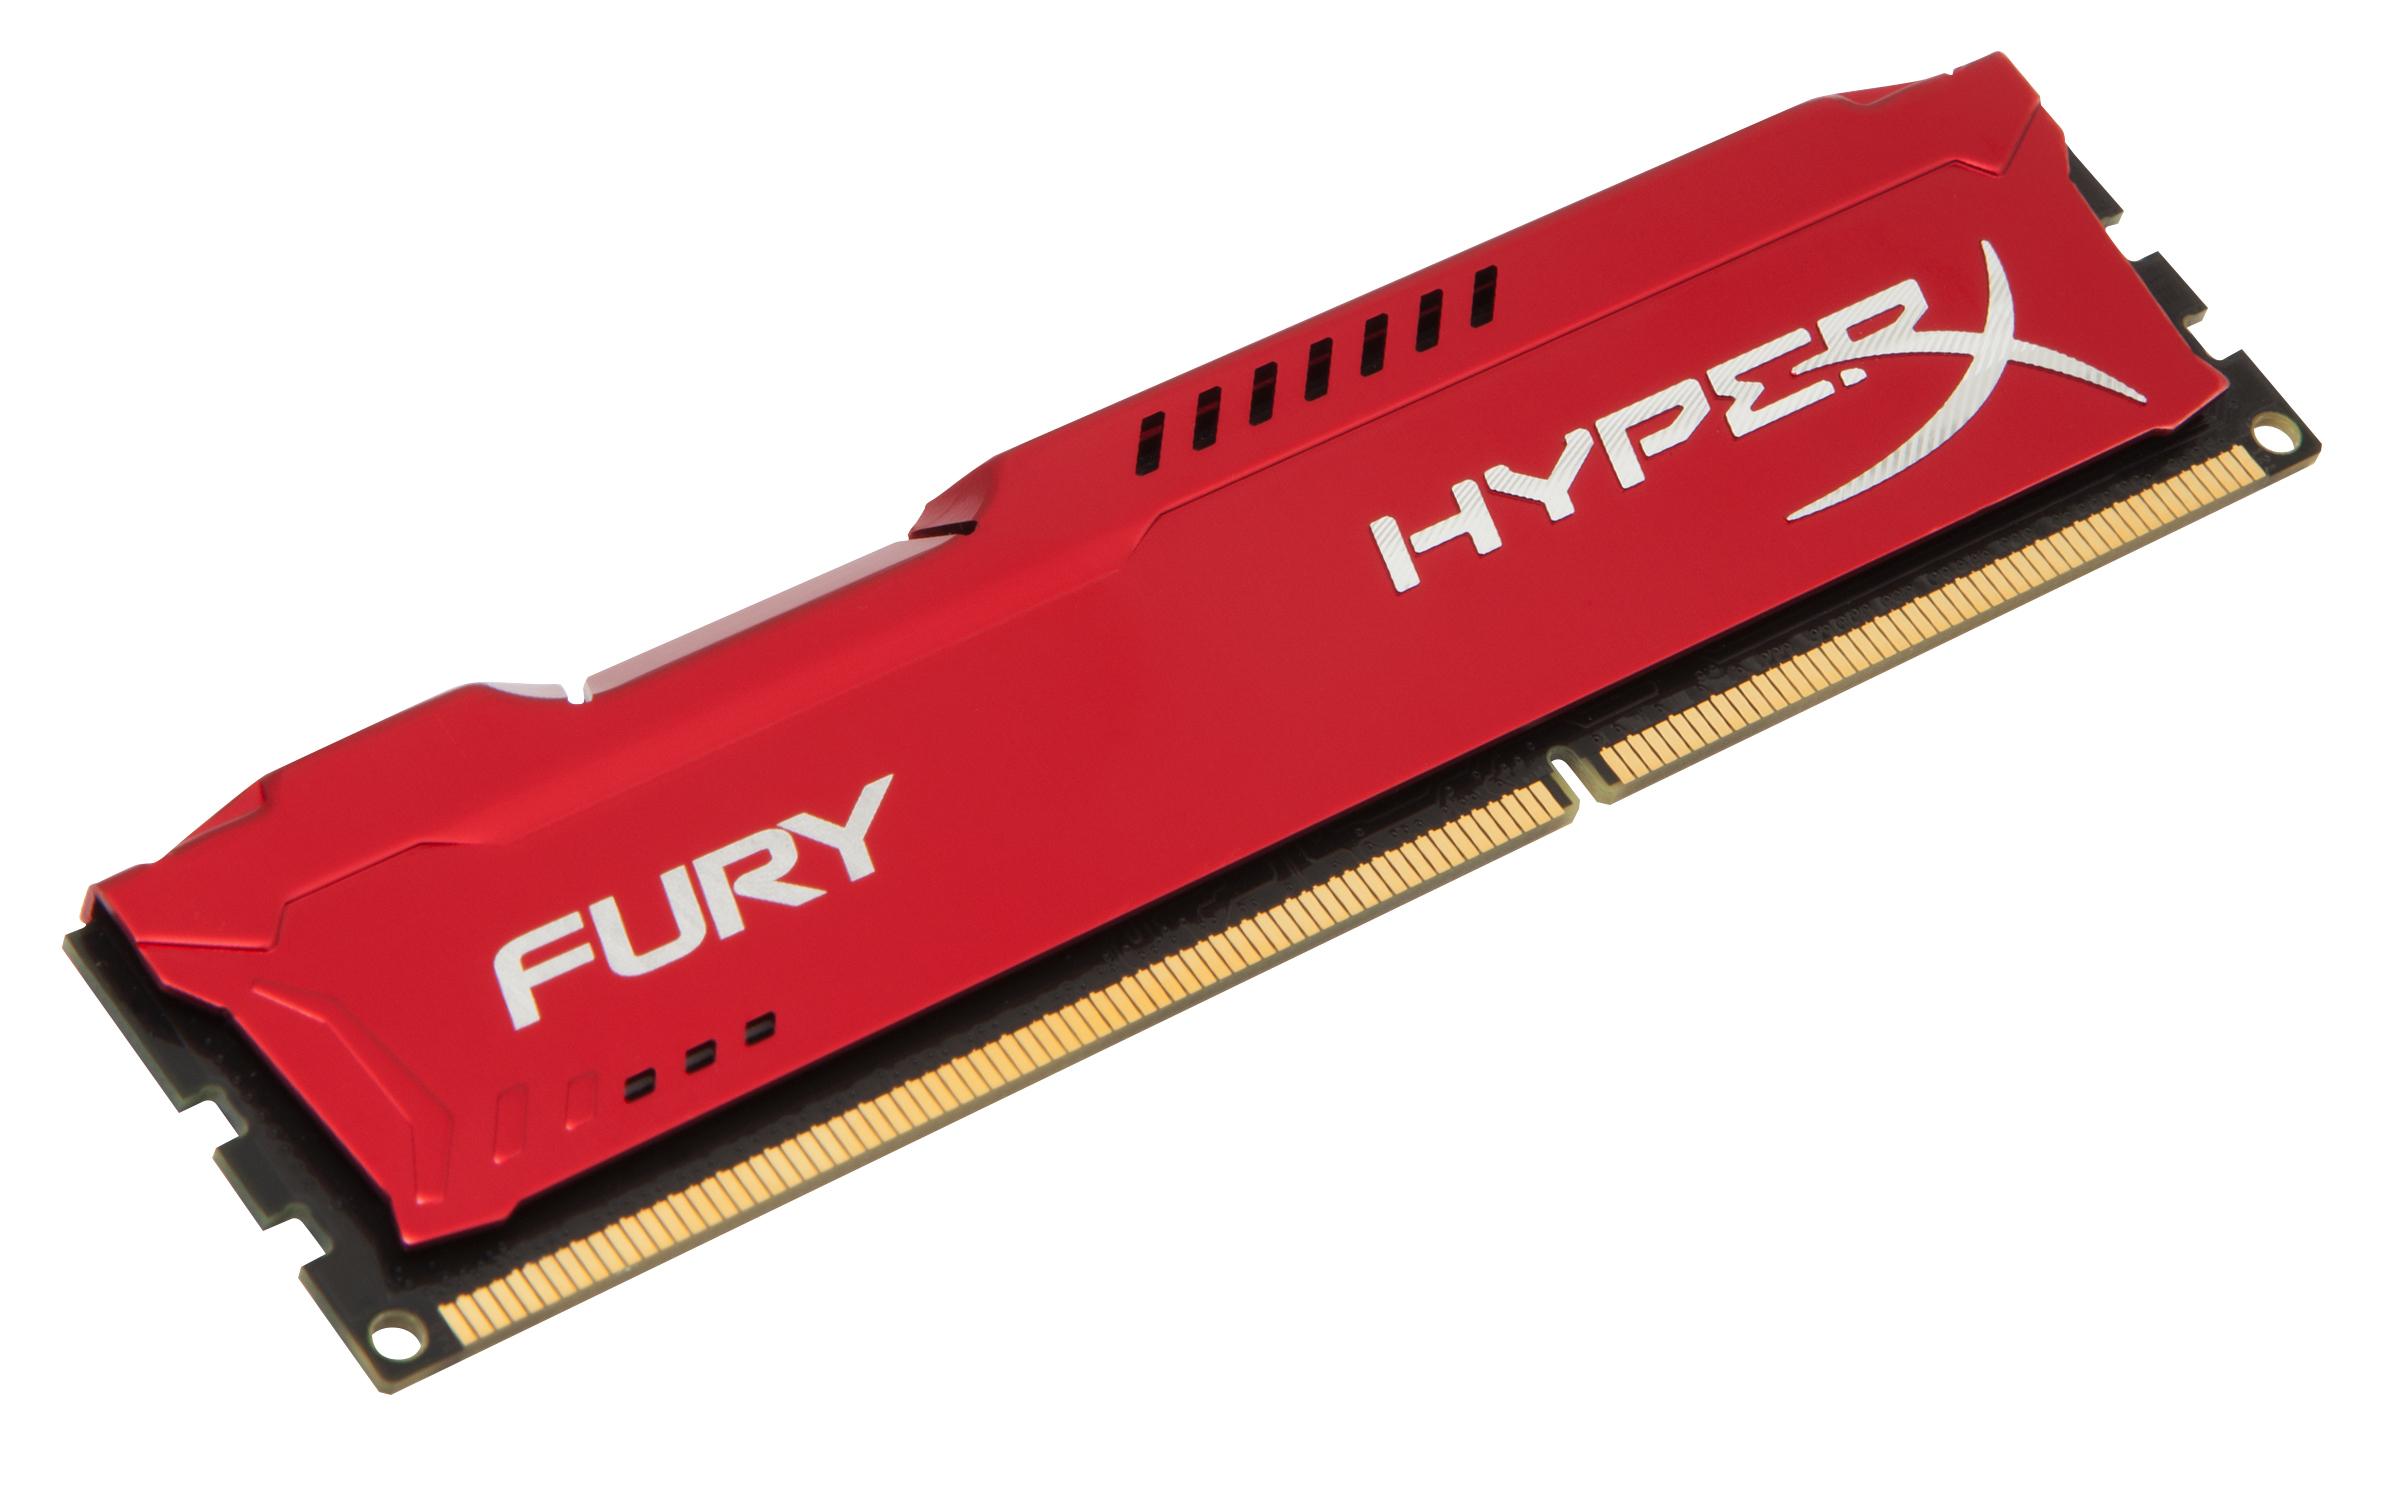 HyperX FURY Red 4GB 1600MHz DDR3 4GB DDR3 1600MHz memory module